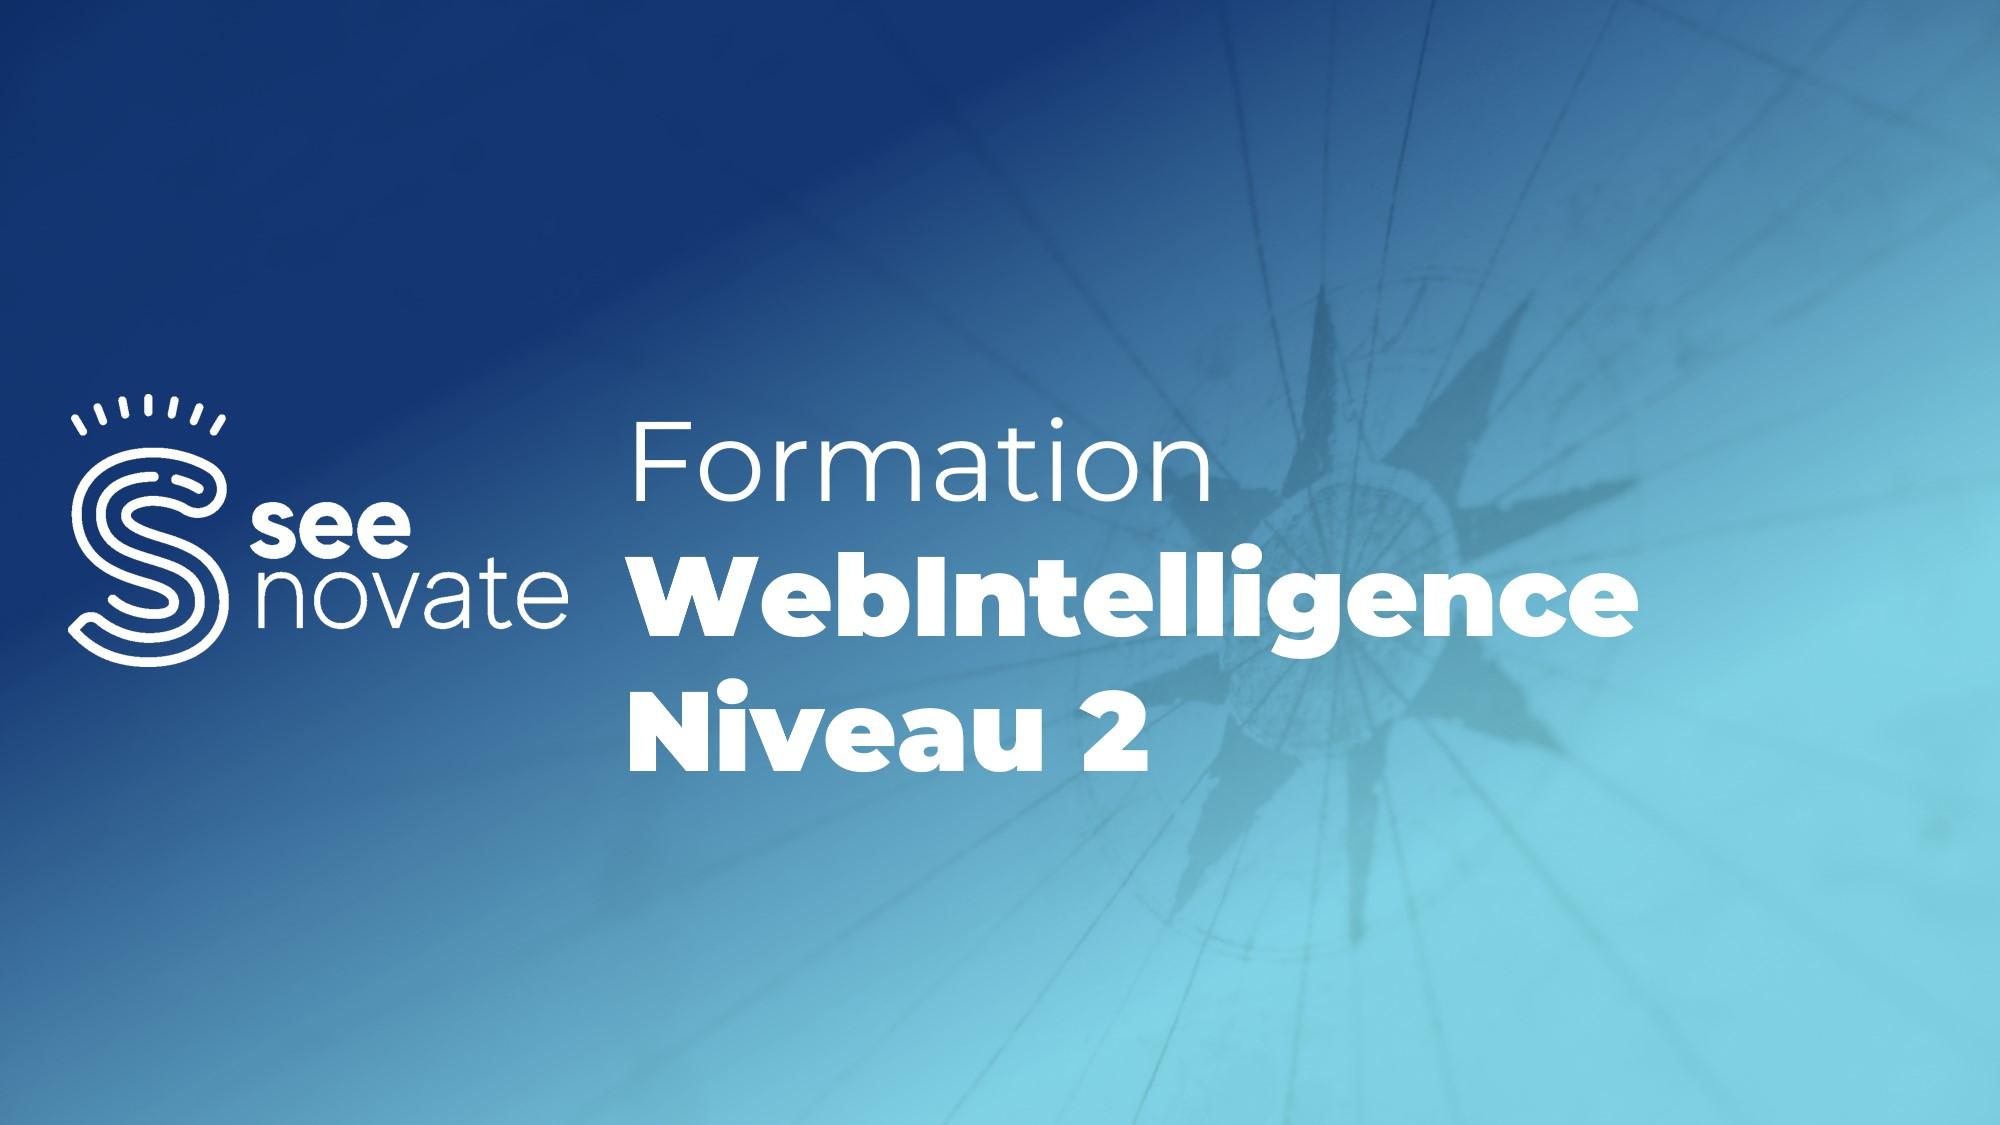 Formation Webintelligence Niveau 2